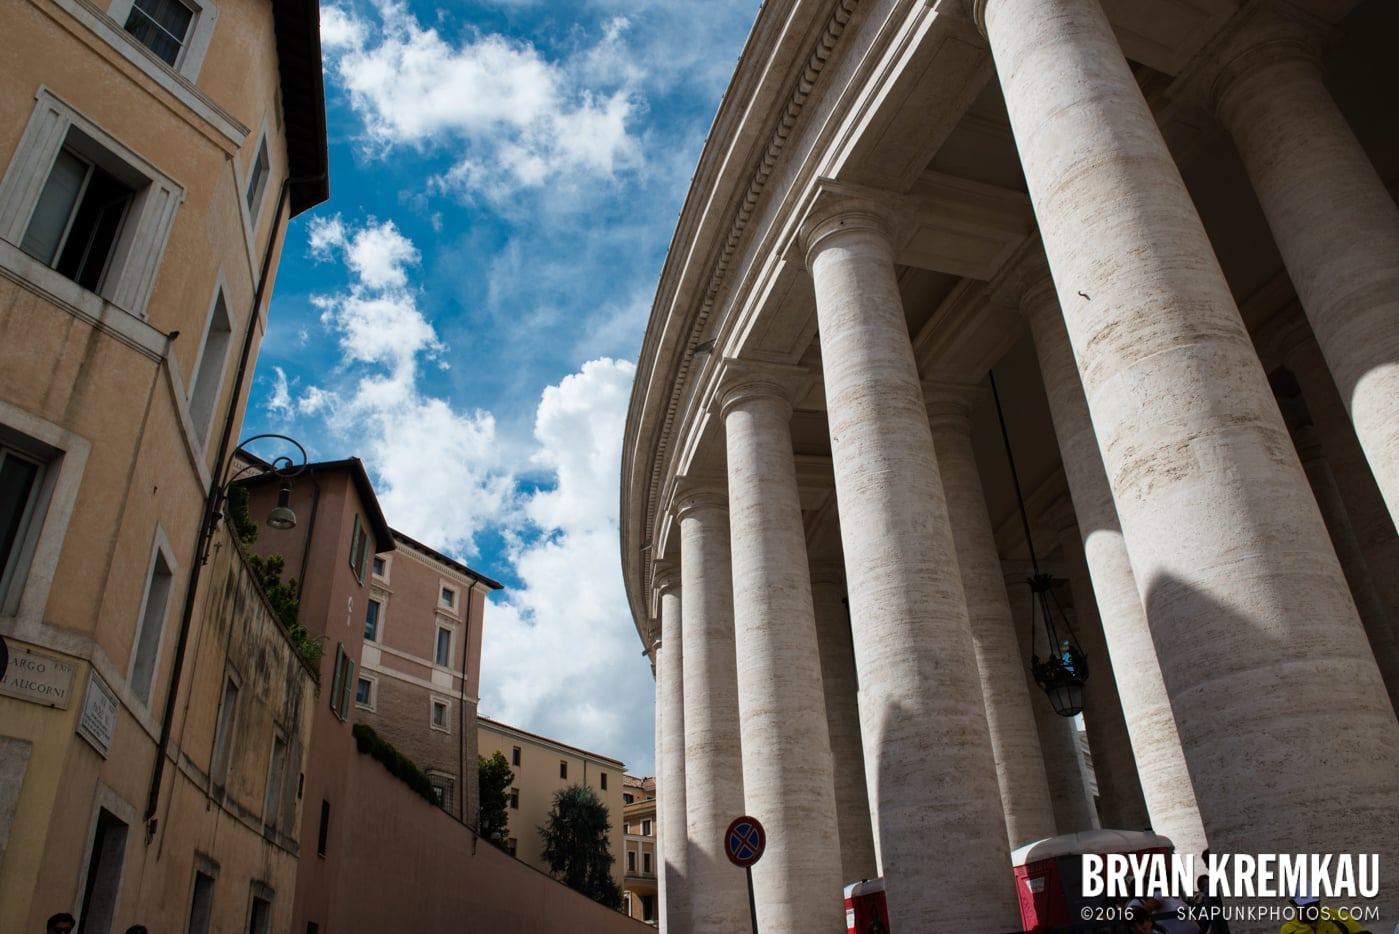 Italy Vacation - Day 3: Rome - 9.11.13 (32)